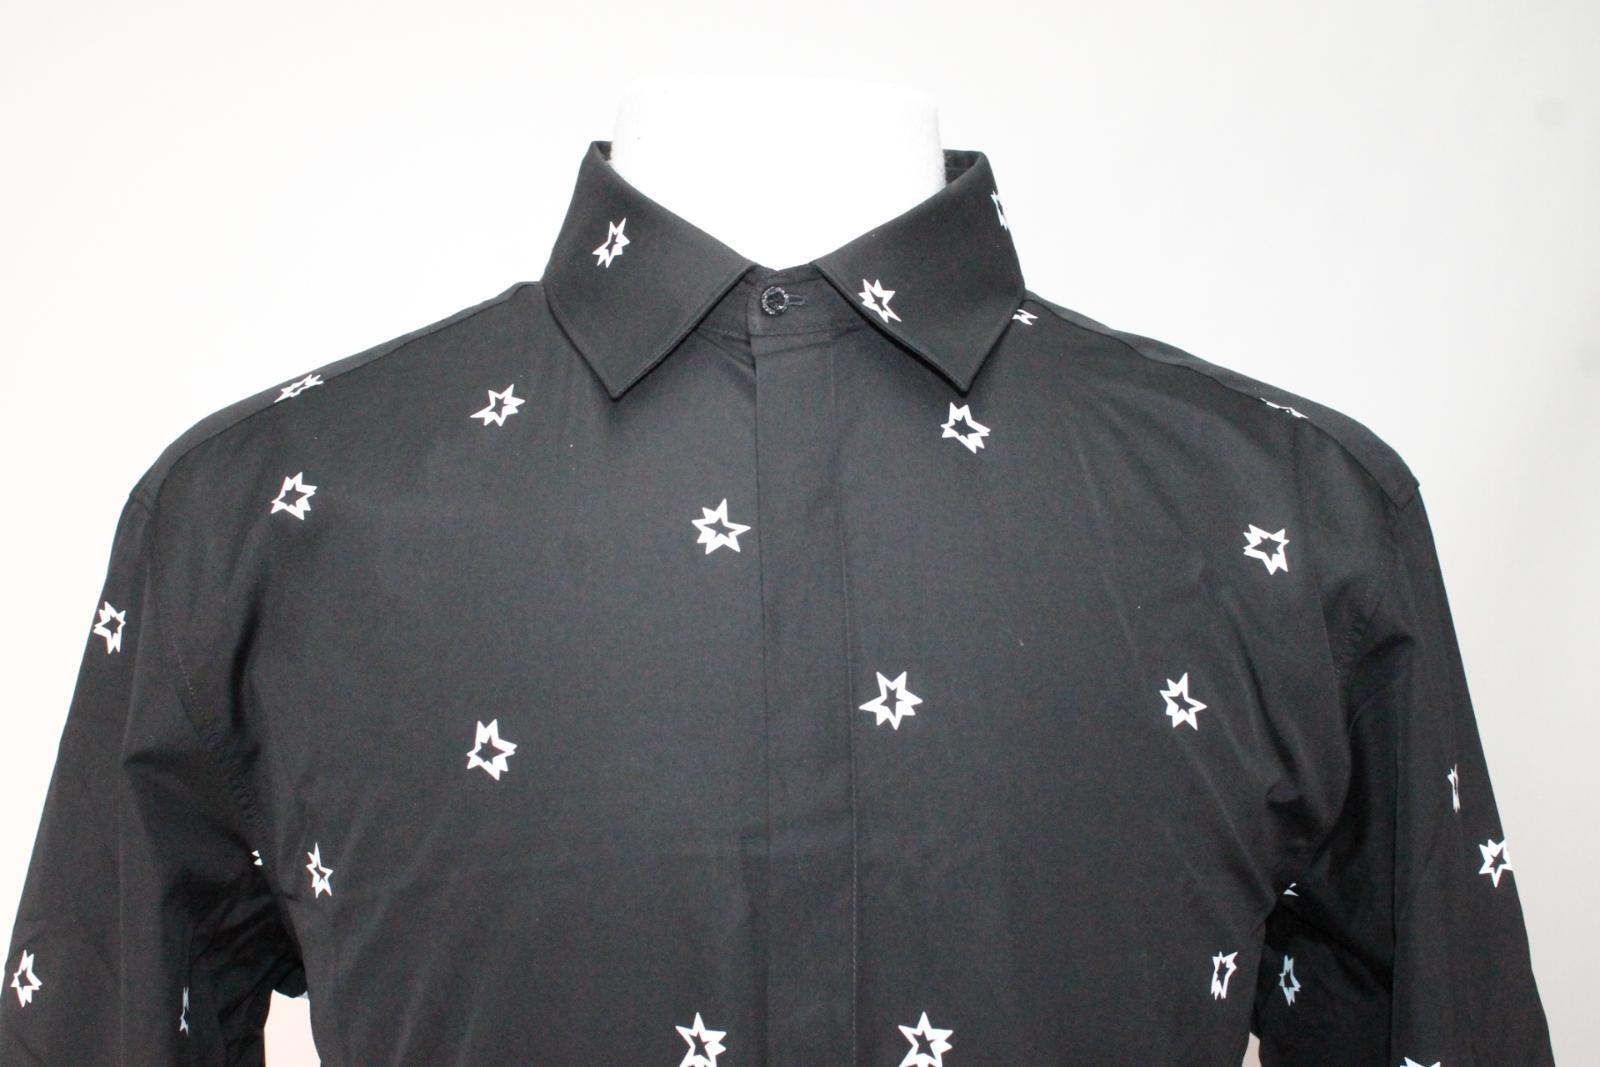 Neil-Barrett-Hombre-Negro-Algodon-Estampado-de-Estrellas-Calce-Ajustado-Camisa-Con-Cuello-16-5-034 miniatura 3